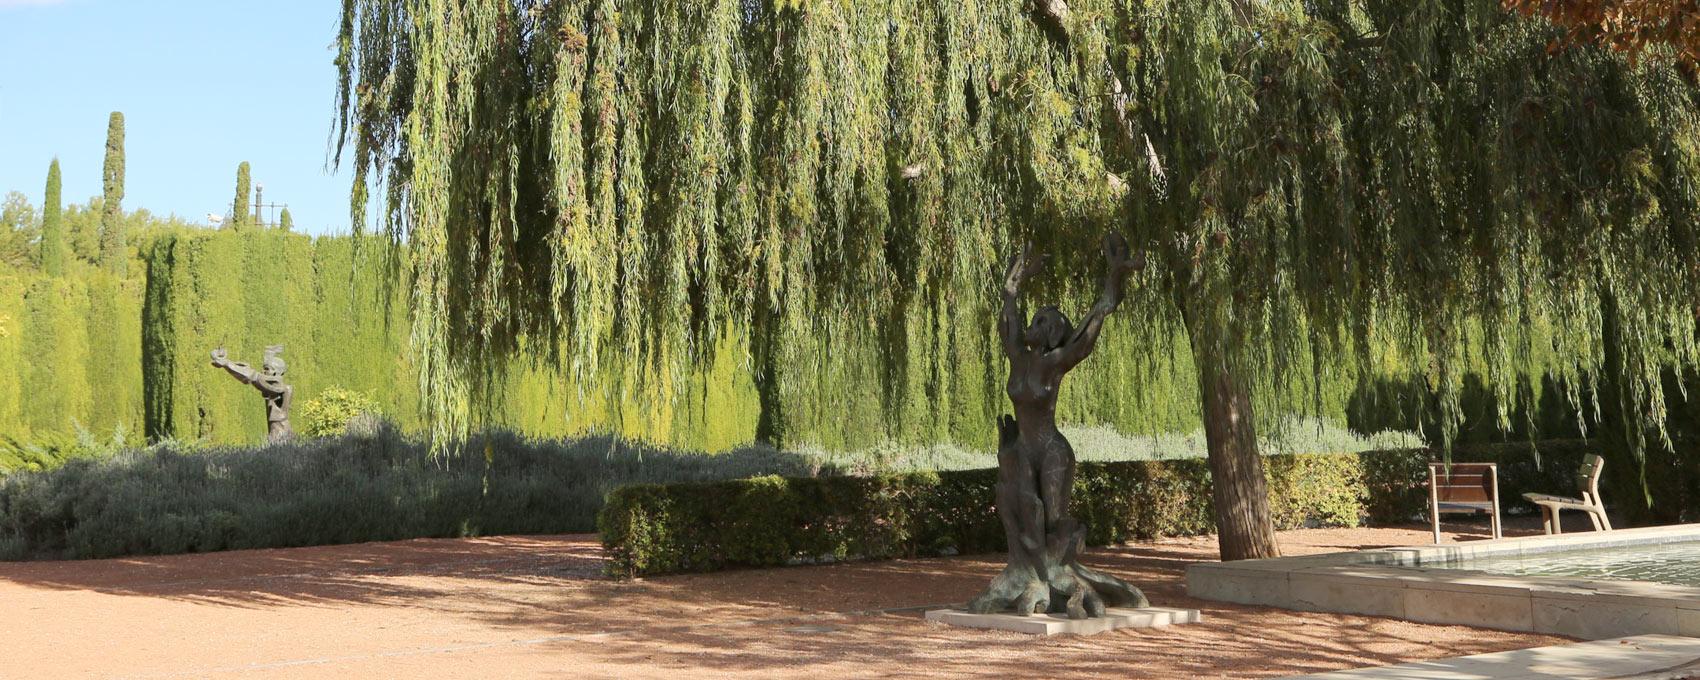 Jardin de las Hesperides Valencia